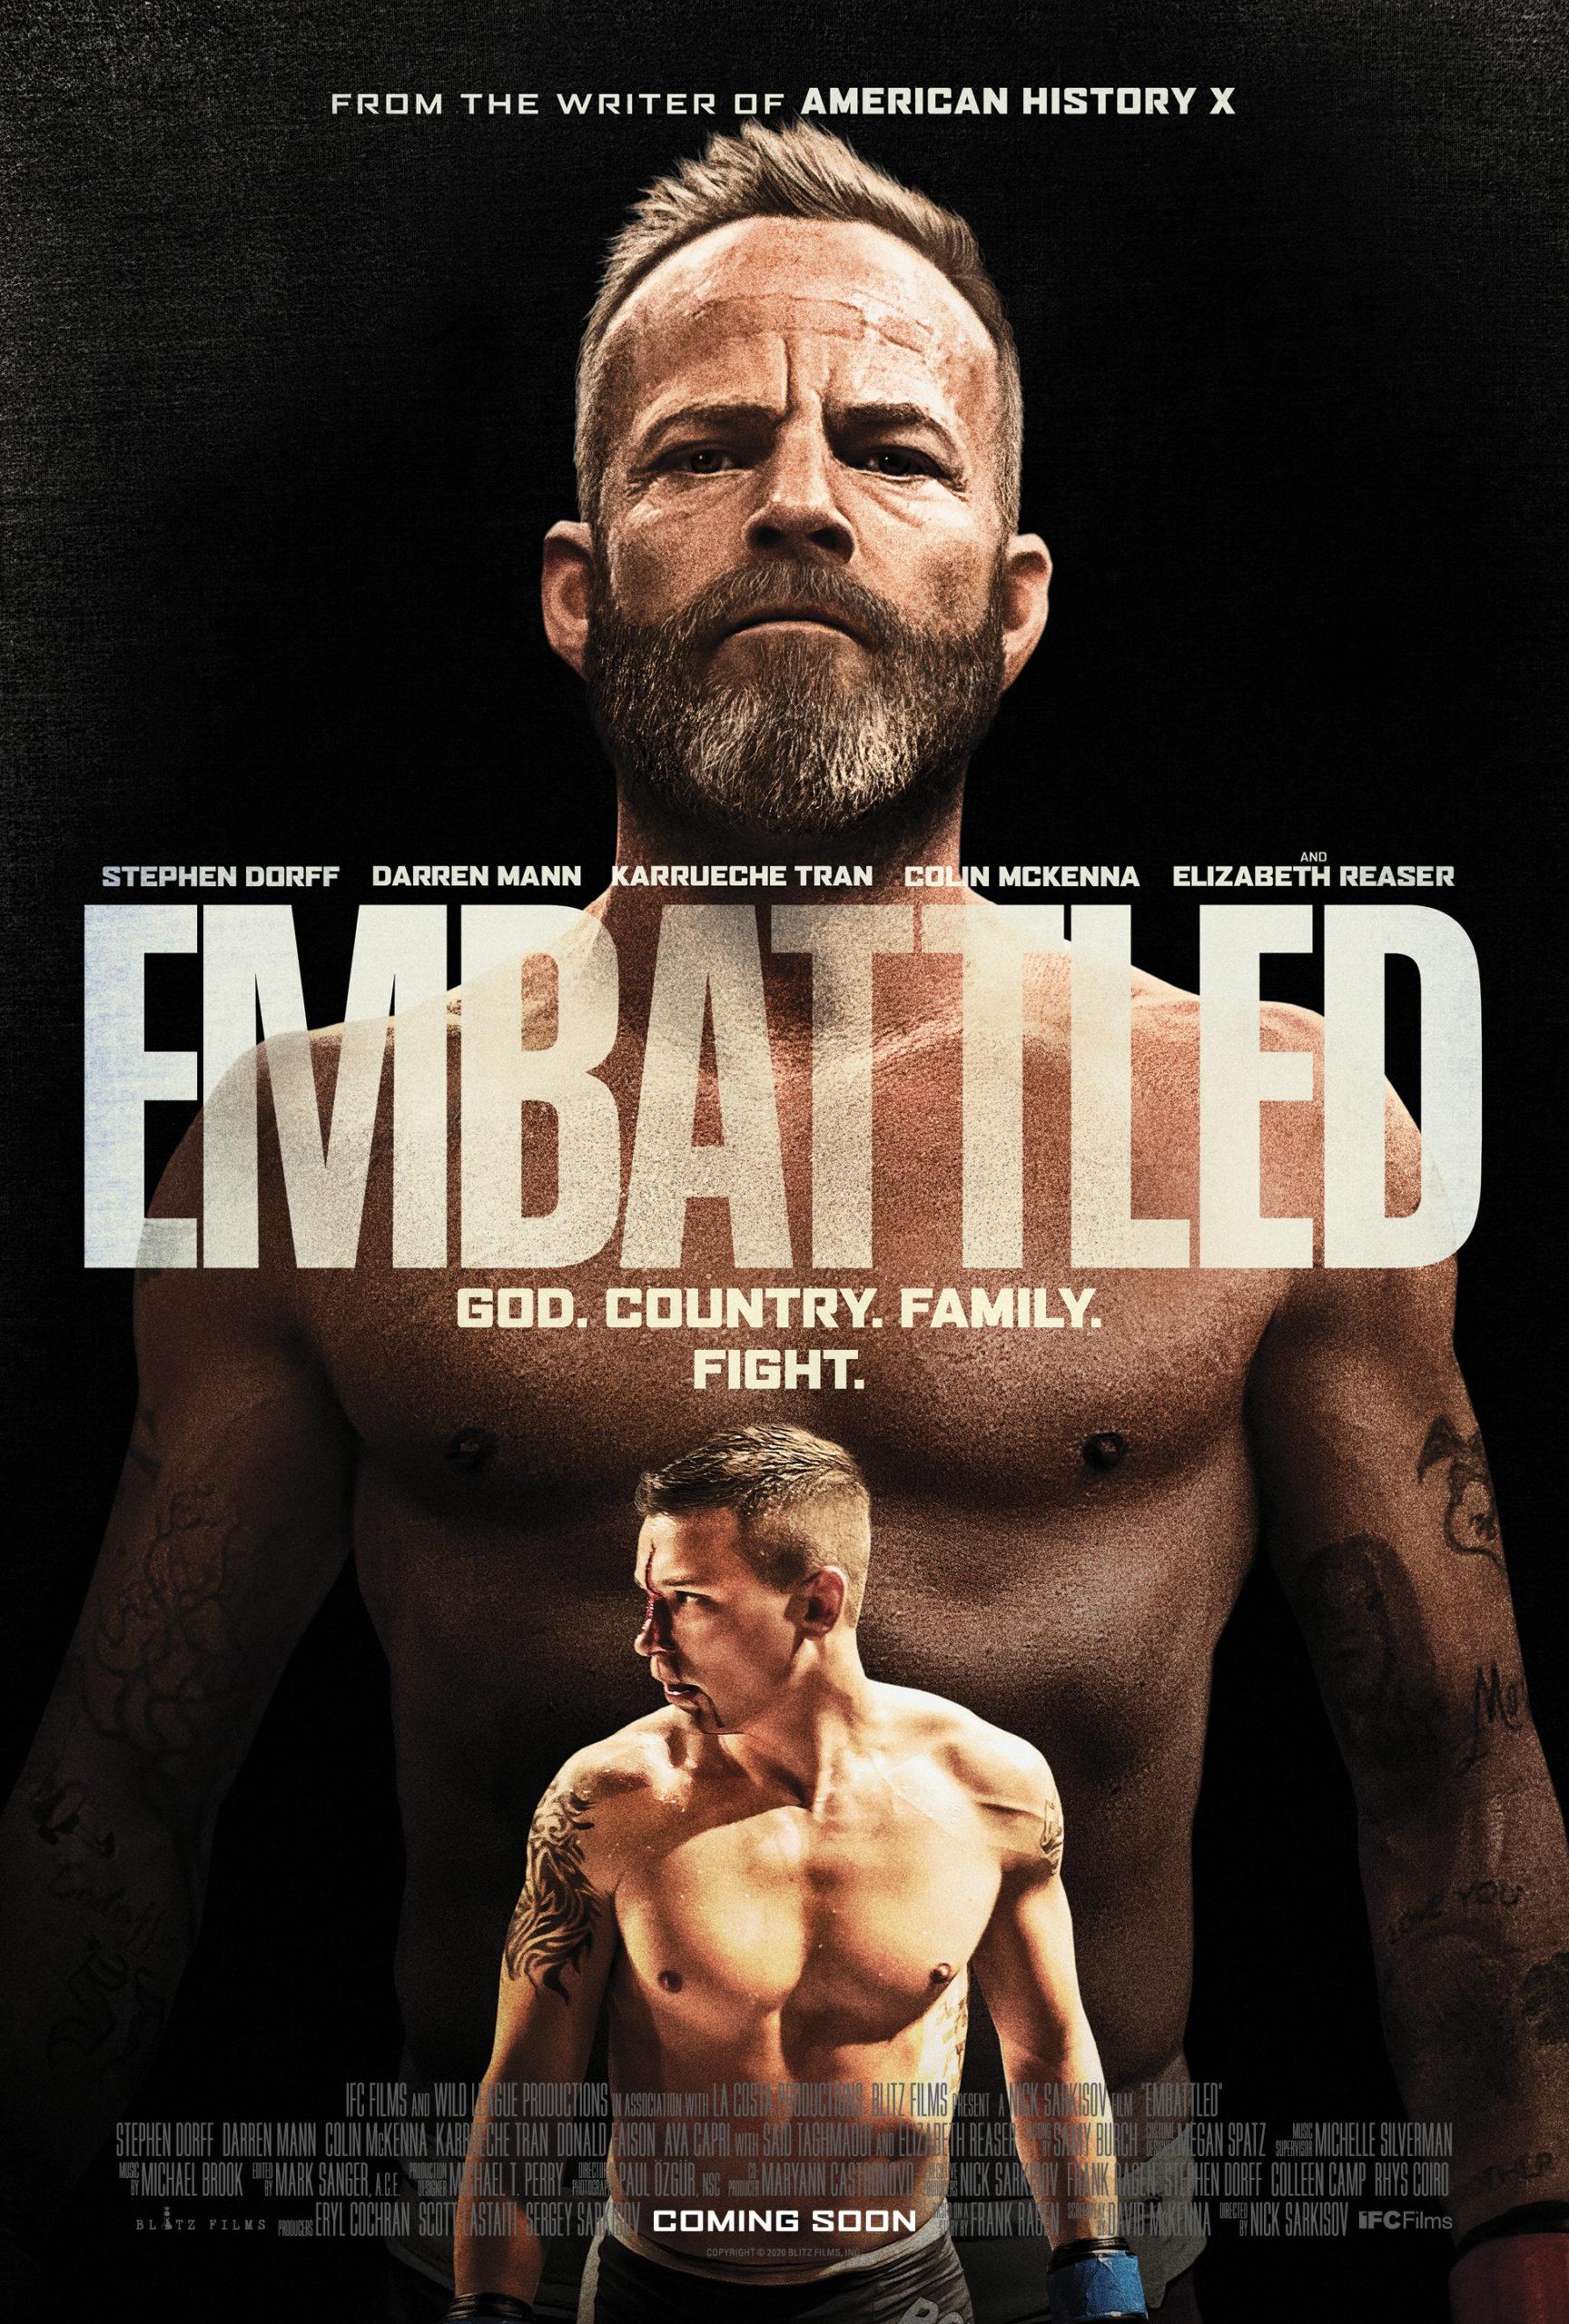 Бои без правил свели отца и сына на ринге в трейлере фильма «Битва»